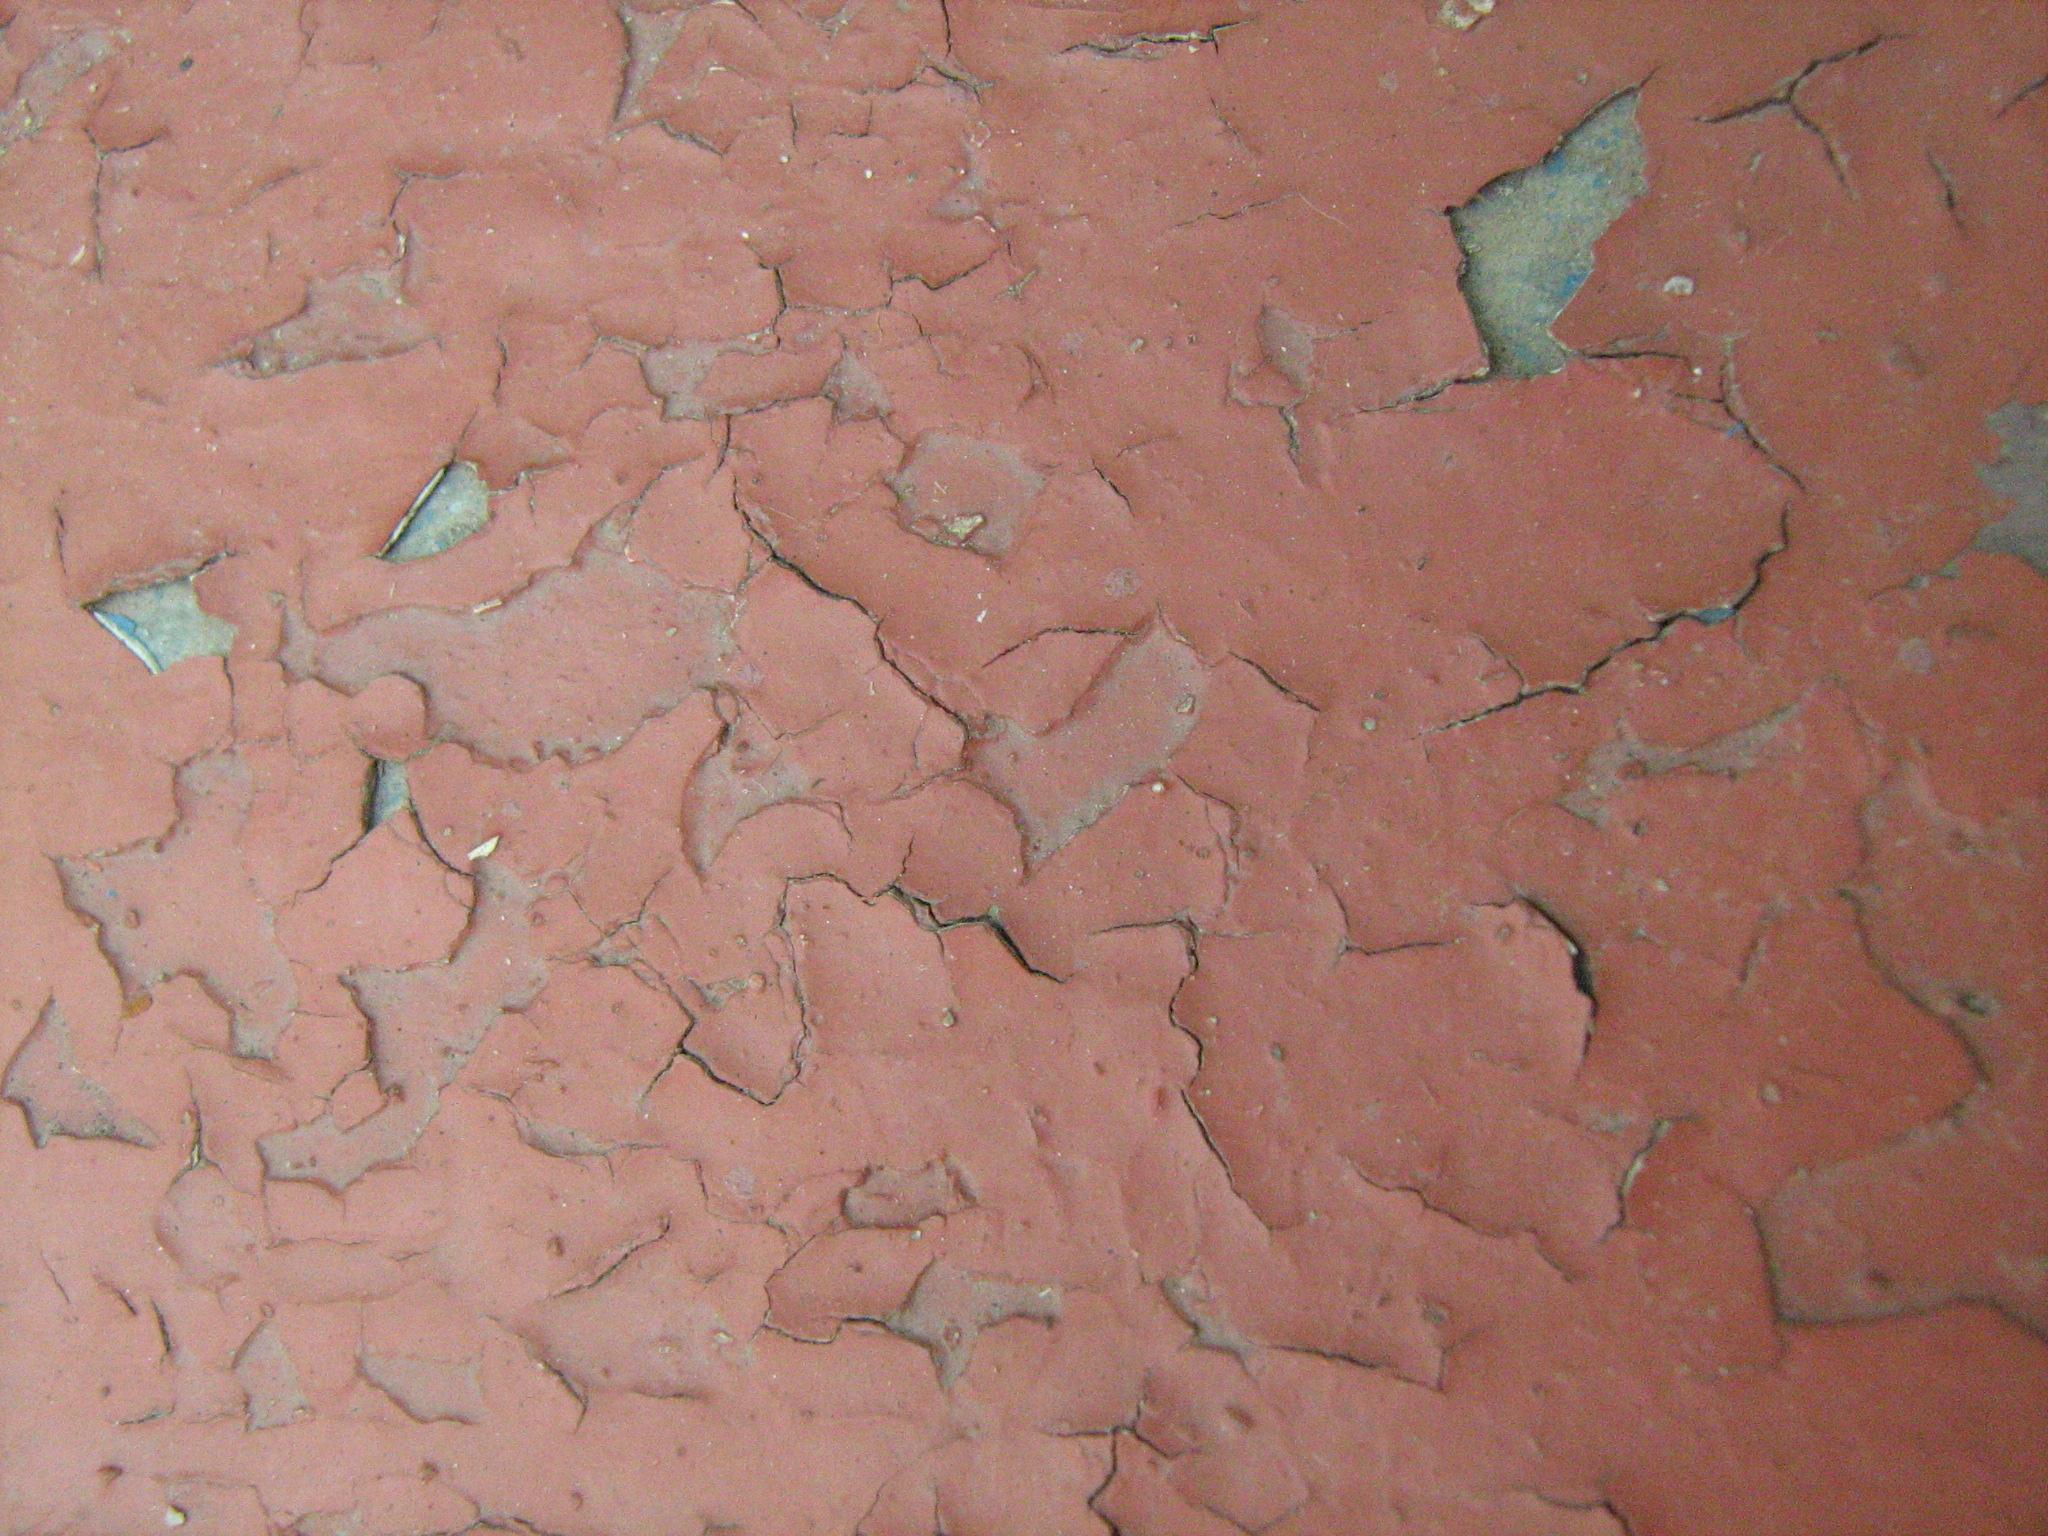 обшарпанная стена